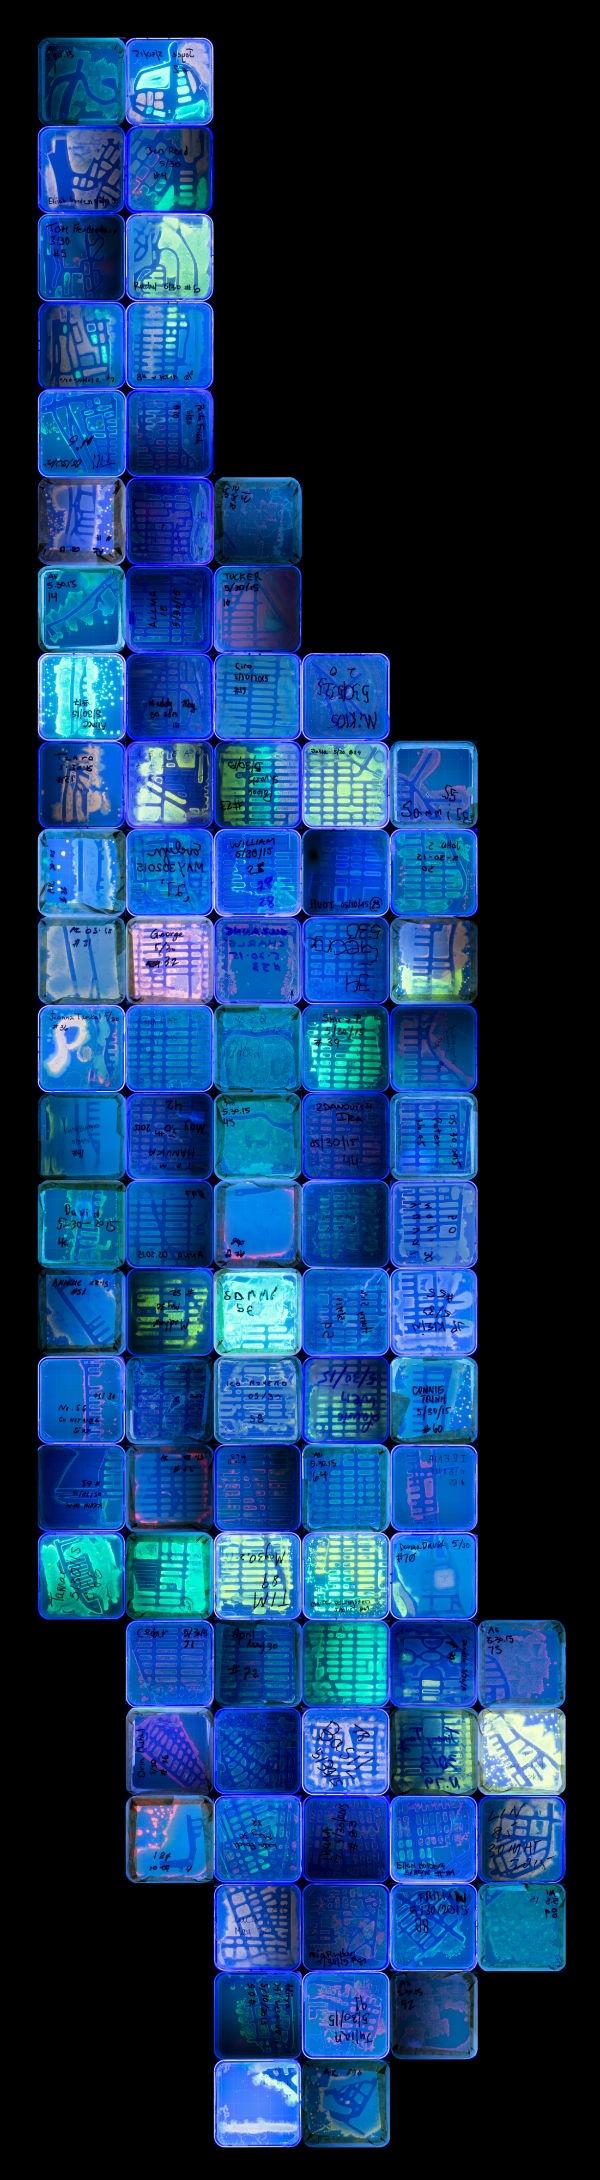 有細菌恐懼症的我都不敢靠近這些作品,但這些「微生物藝術」真的太美了讓我無法不看下去!